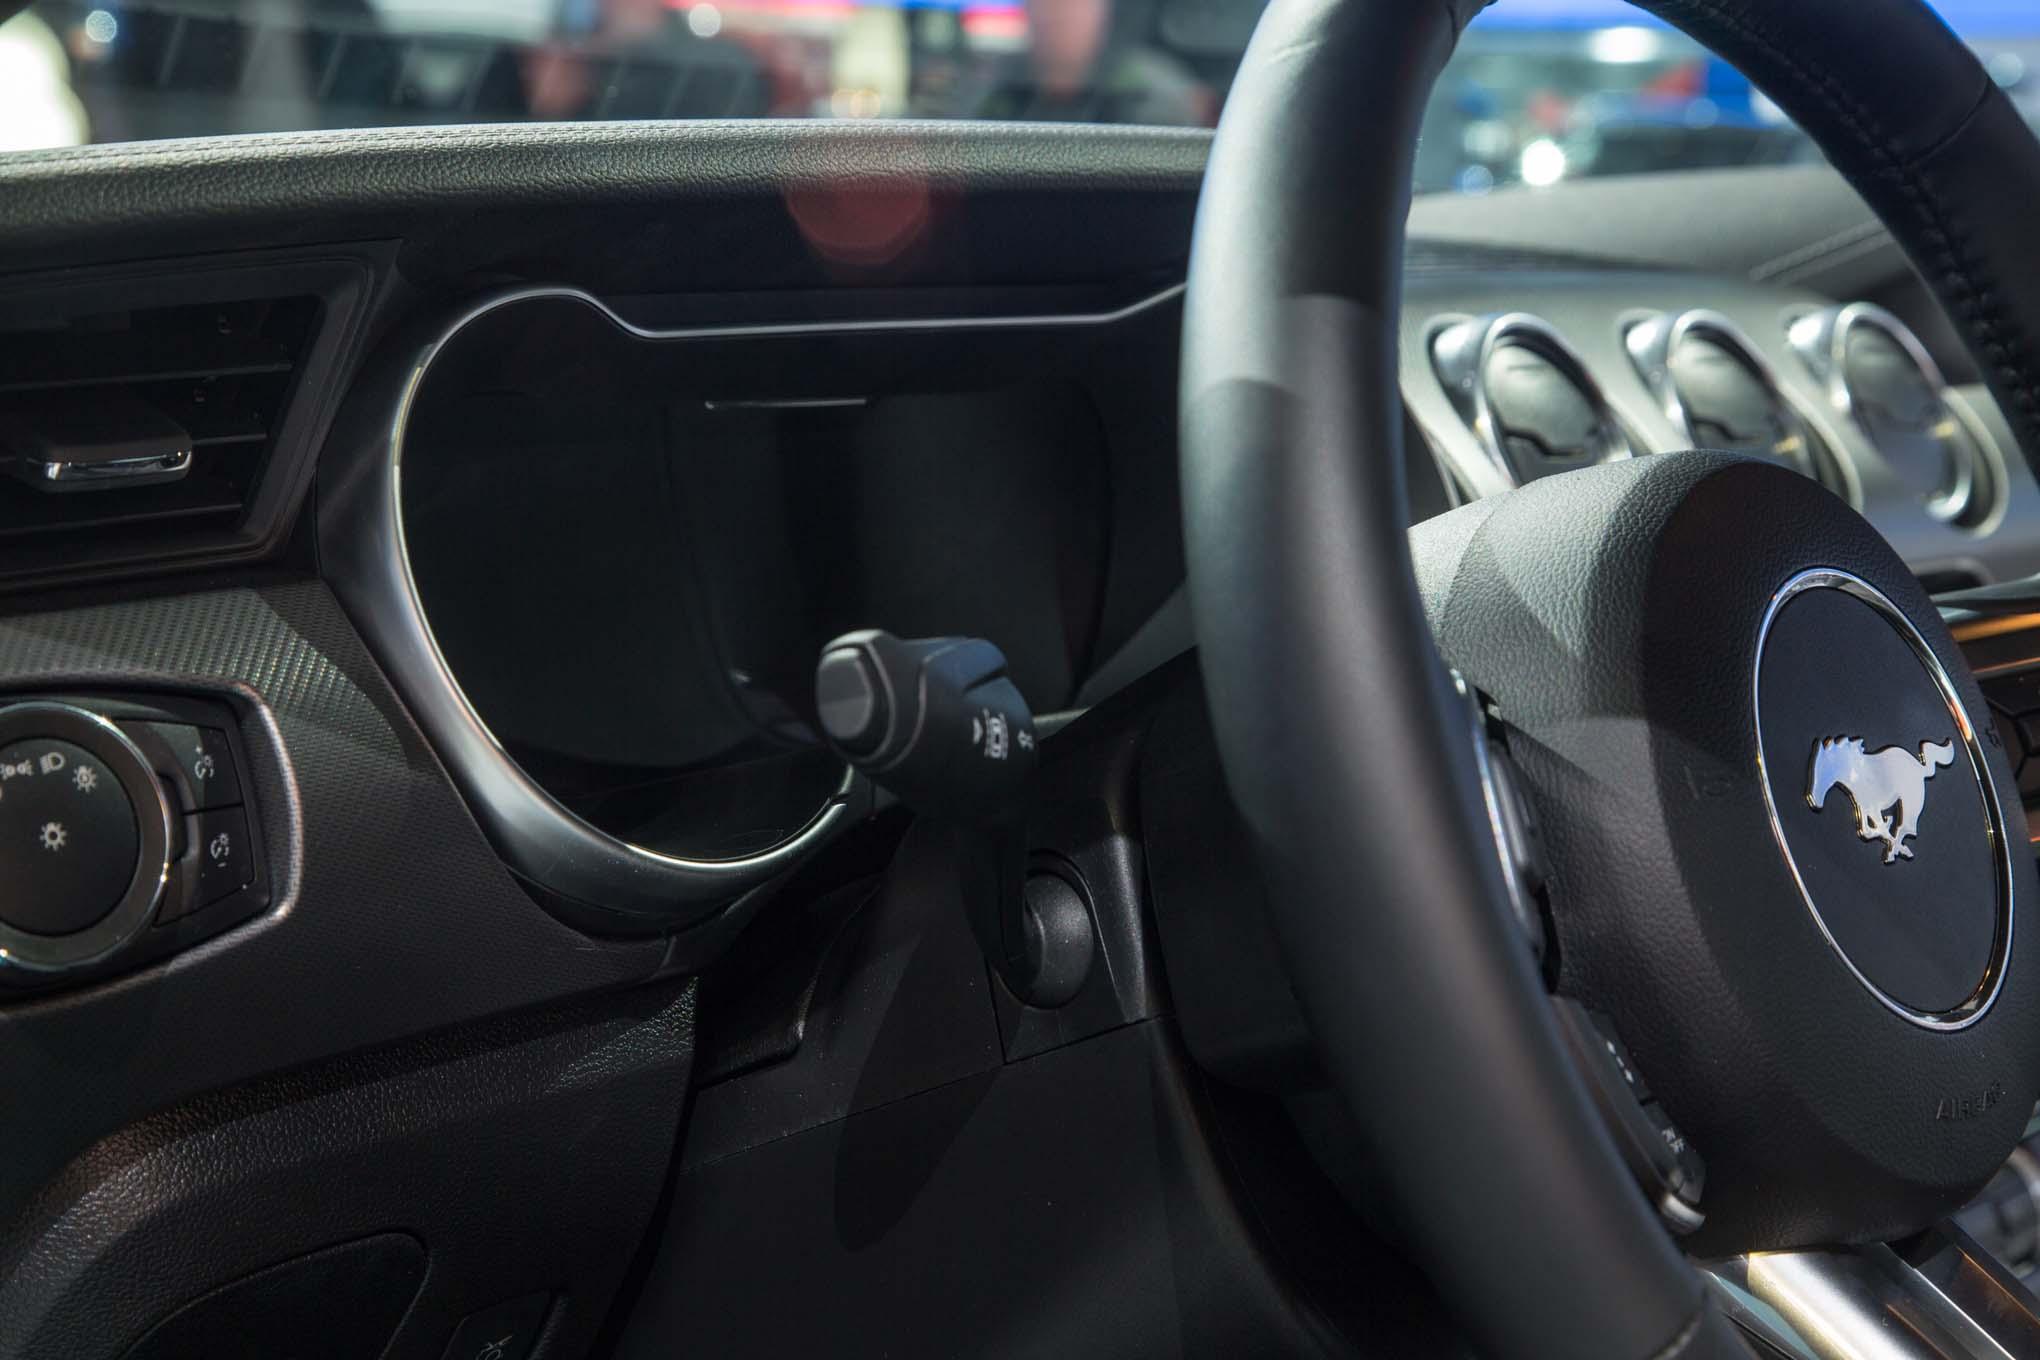 2018 Ford Mustang Gt Interior Cluster 1 Motor Trend En Espa Ol